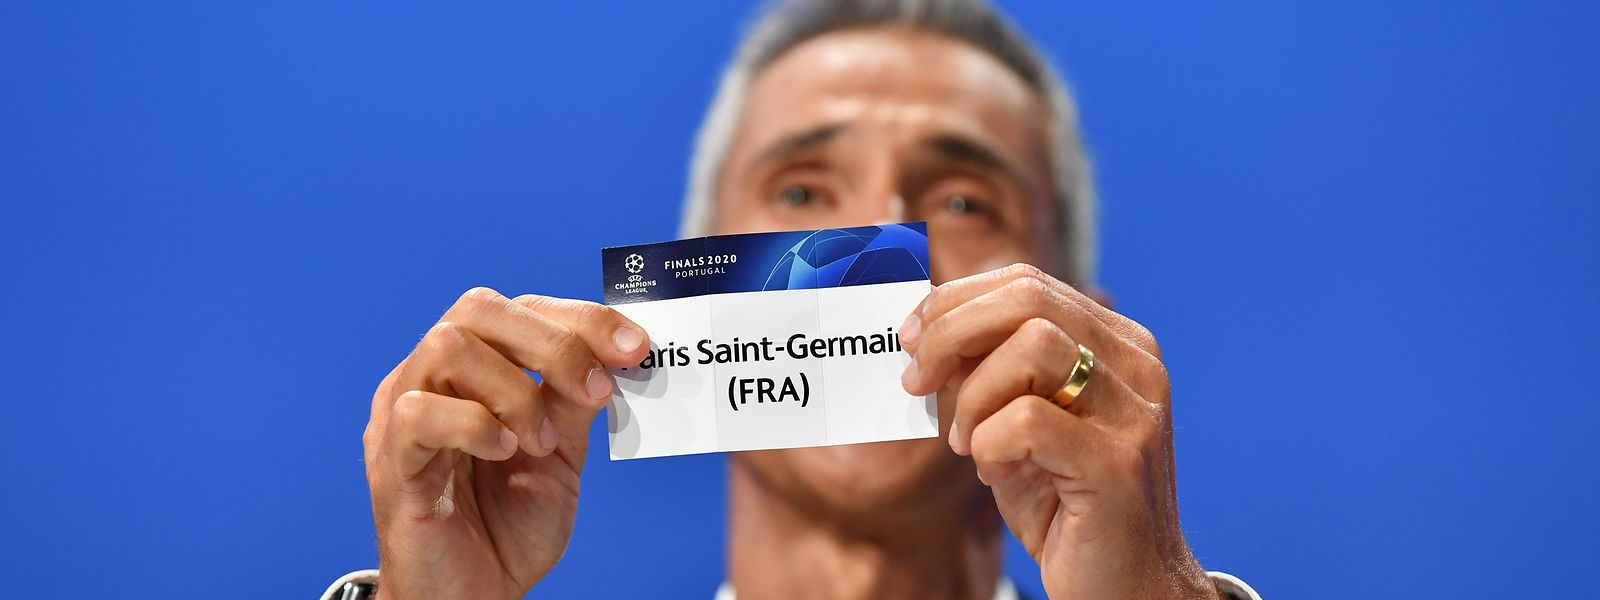 Paulo Sousa hält das Los von Paris SG in die Kamera.